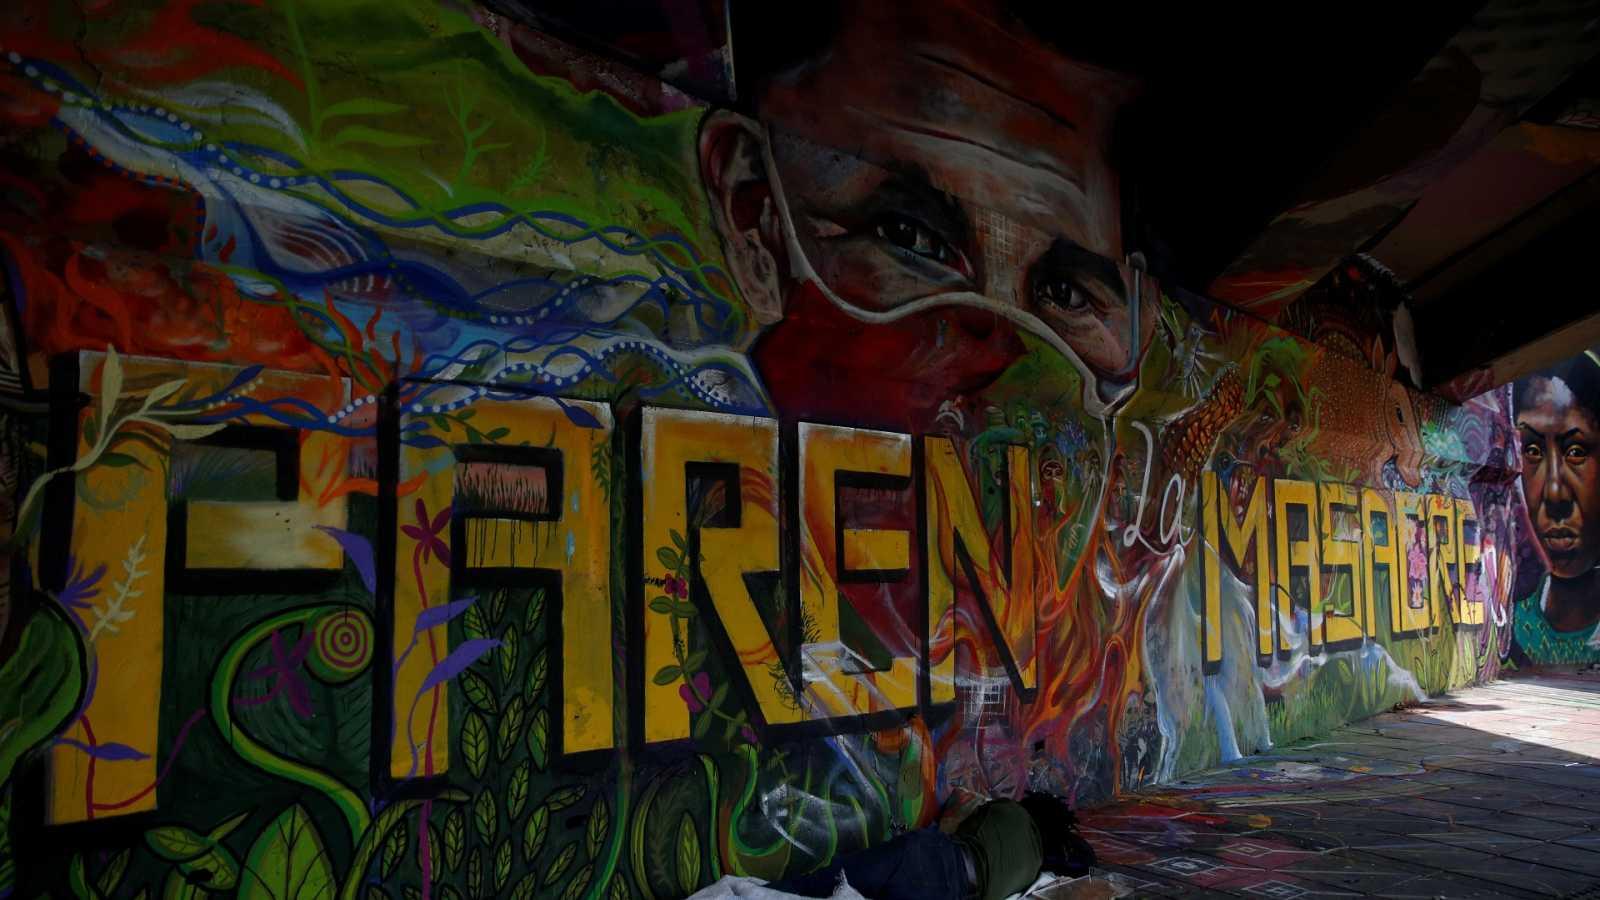 La reconciliación, pendiente cuatro años después del acuerdo de paz con las FARC